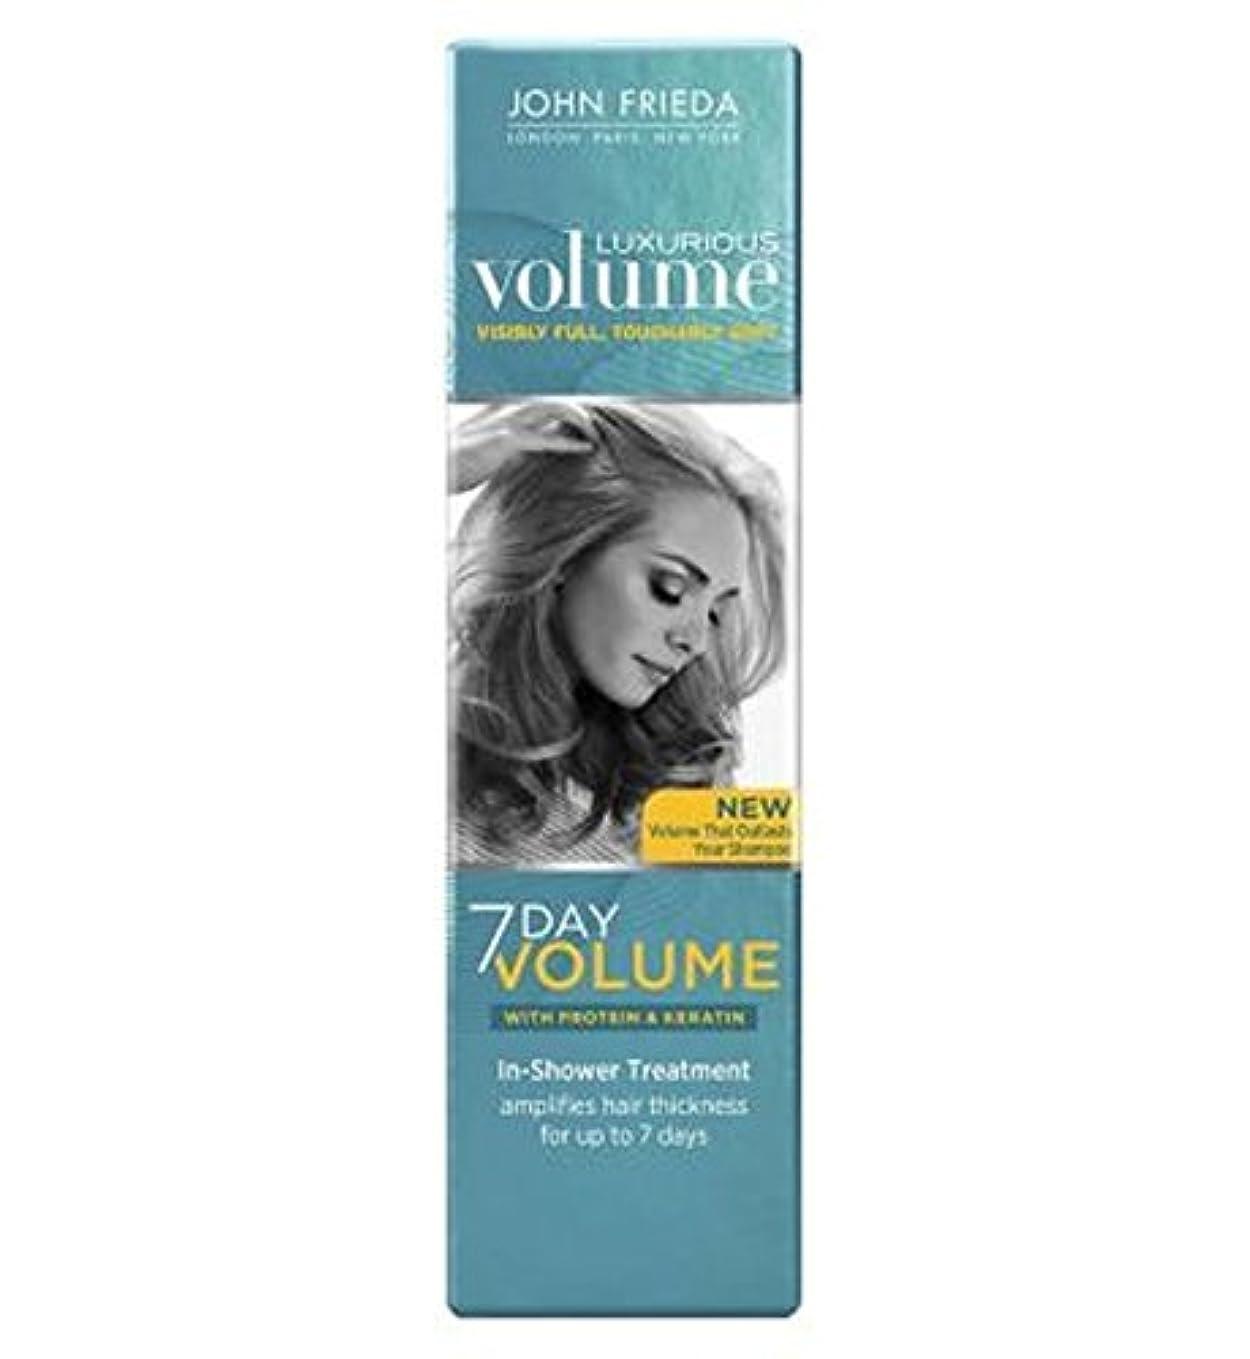 取得するどこか怪物ジョン?フリーダ豪華なボリューム7日には、シャワー処理100ミリリットル (John Frieda) (x2) - John Frieda Luxurious Volume 7 Day In-Shower Treatment 100ml (Pack of 2) [並行輸入品]